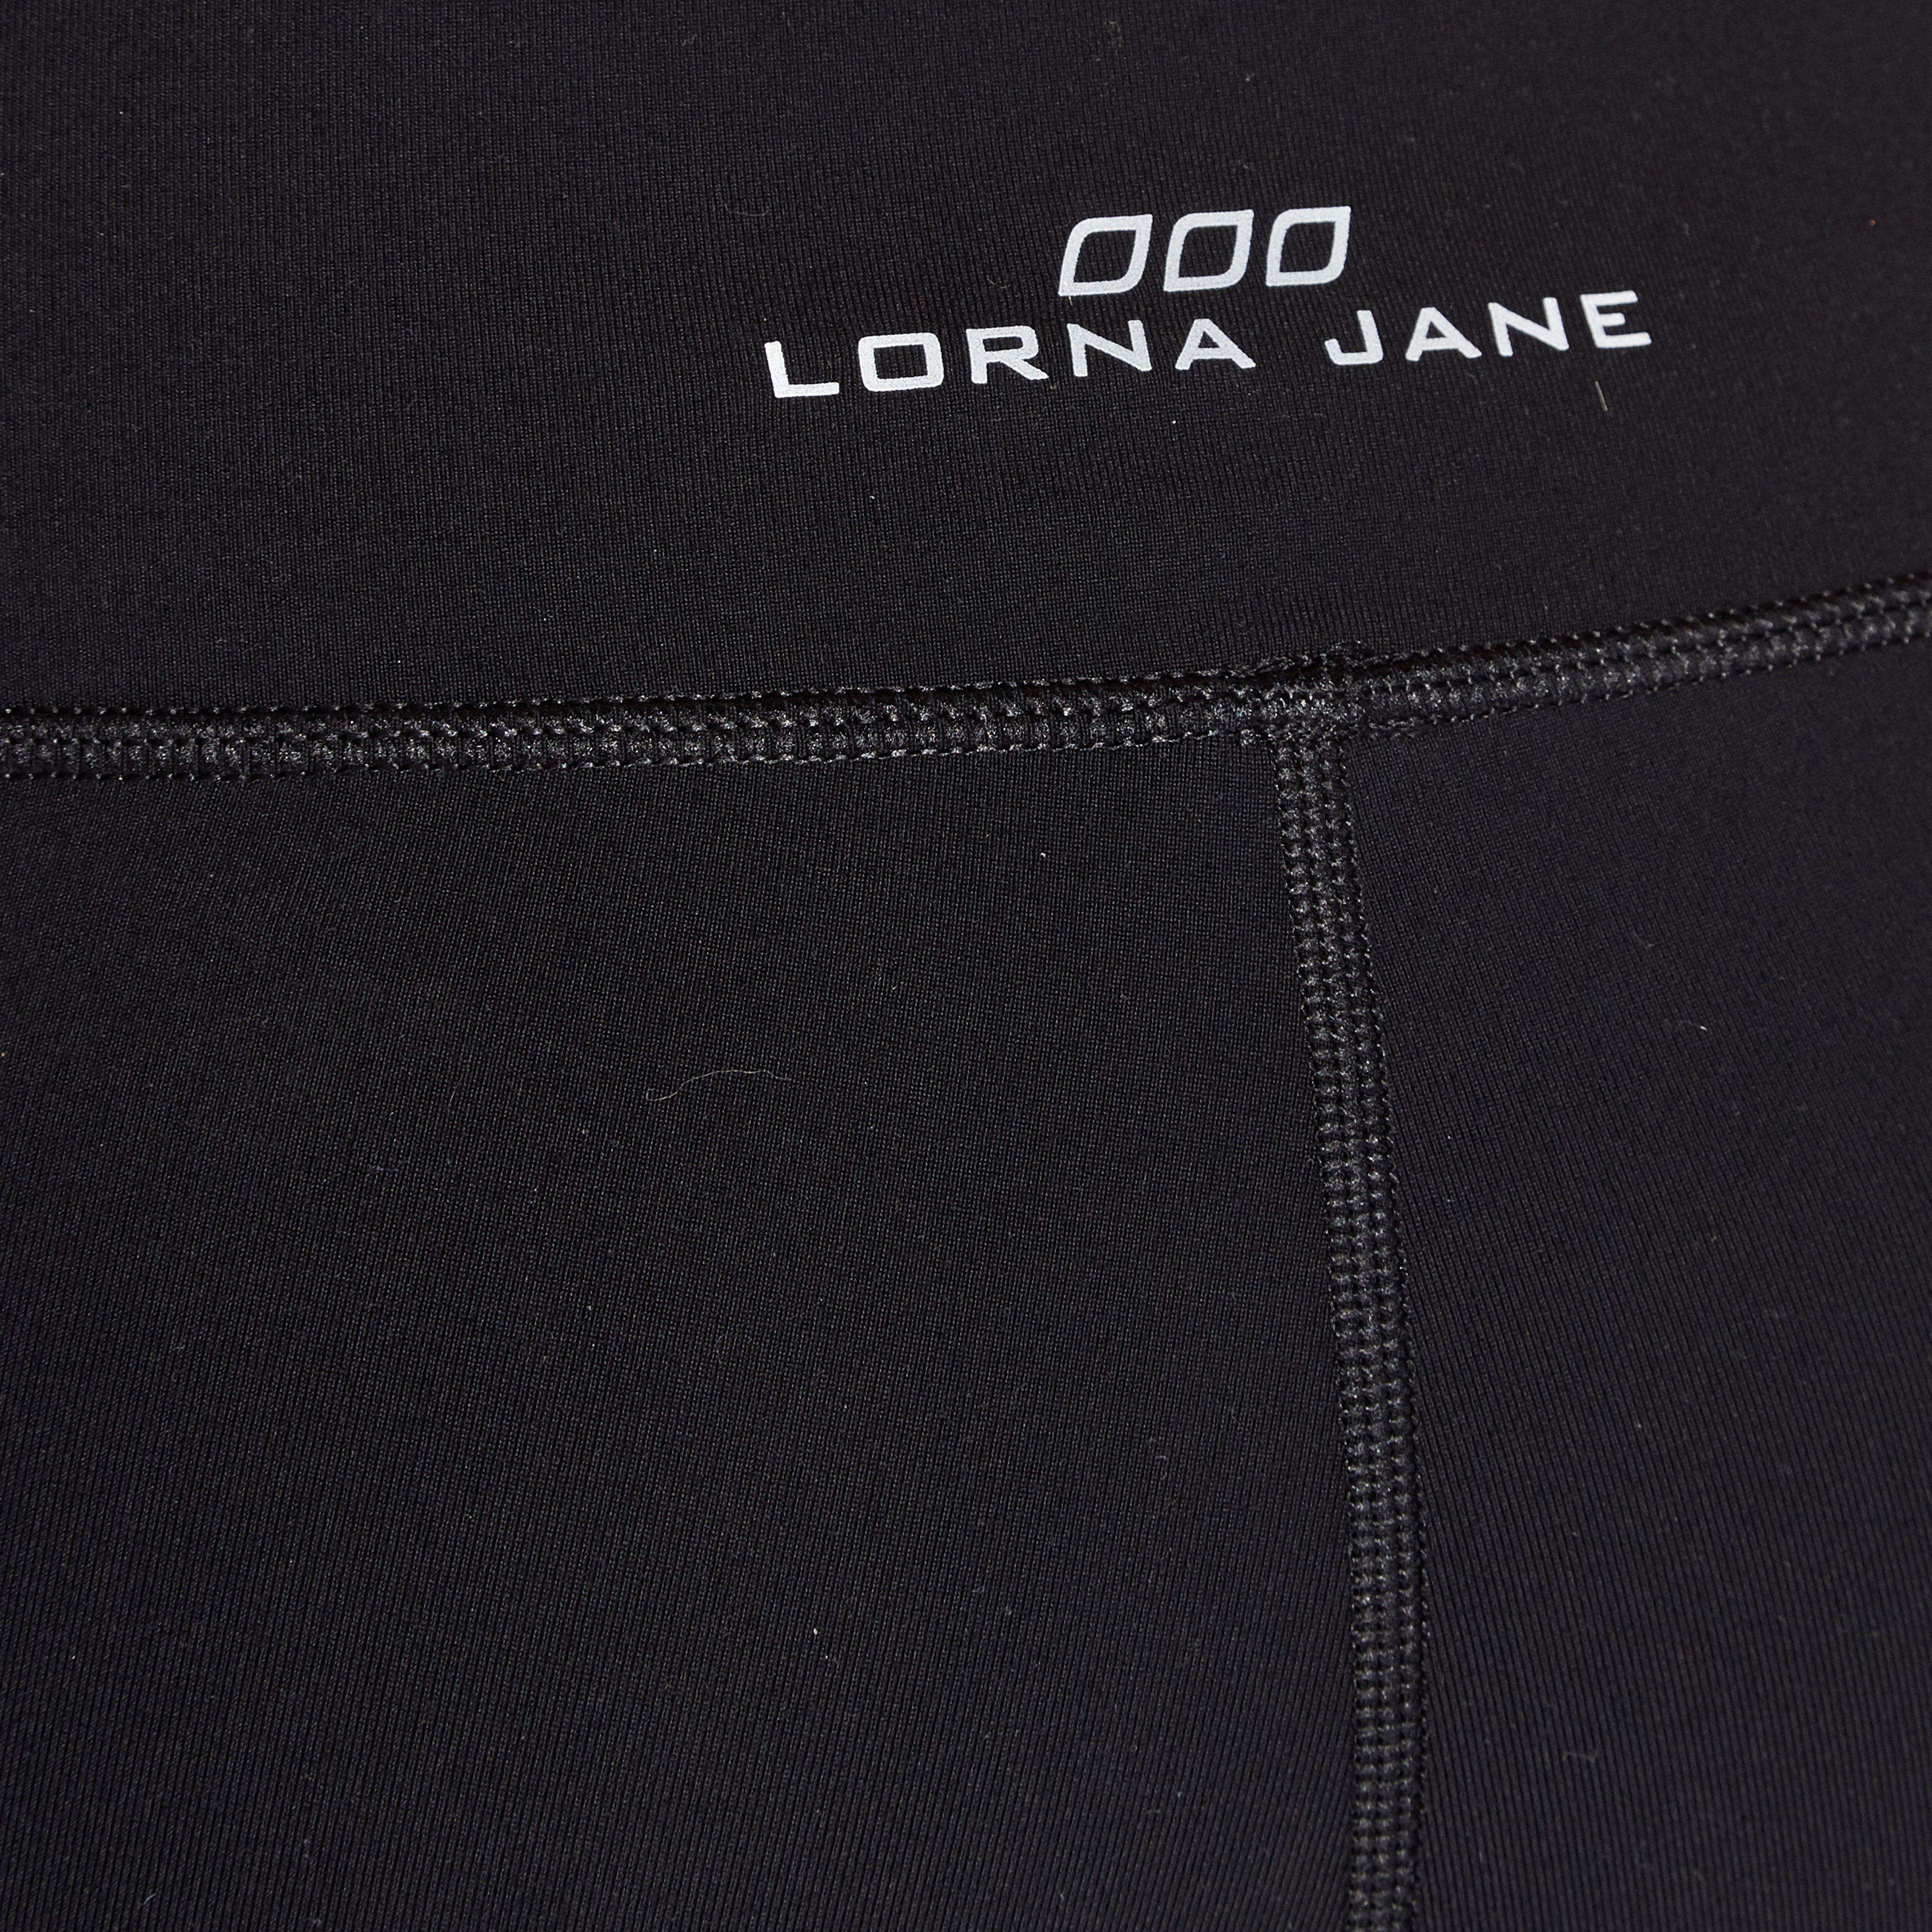 Lorna Jane Trikonasana Core F/L Women's Tight